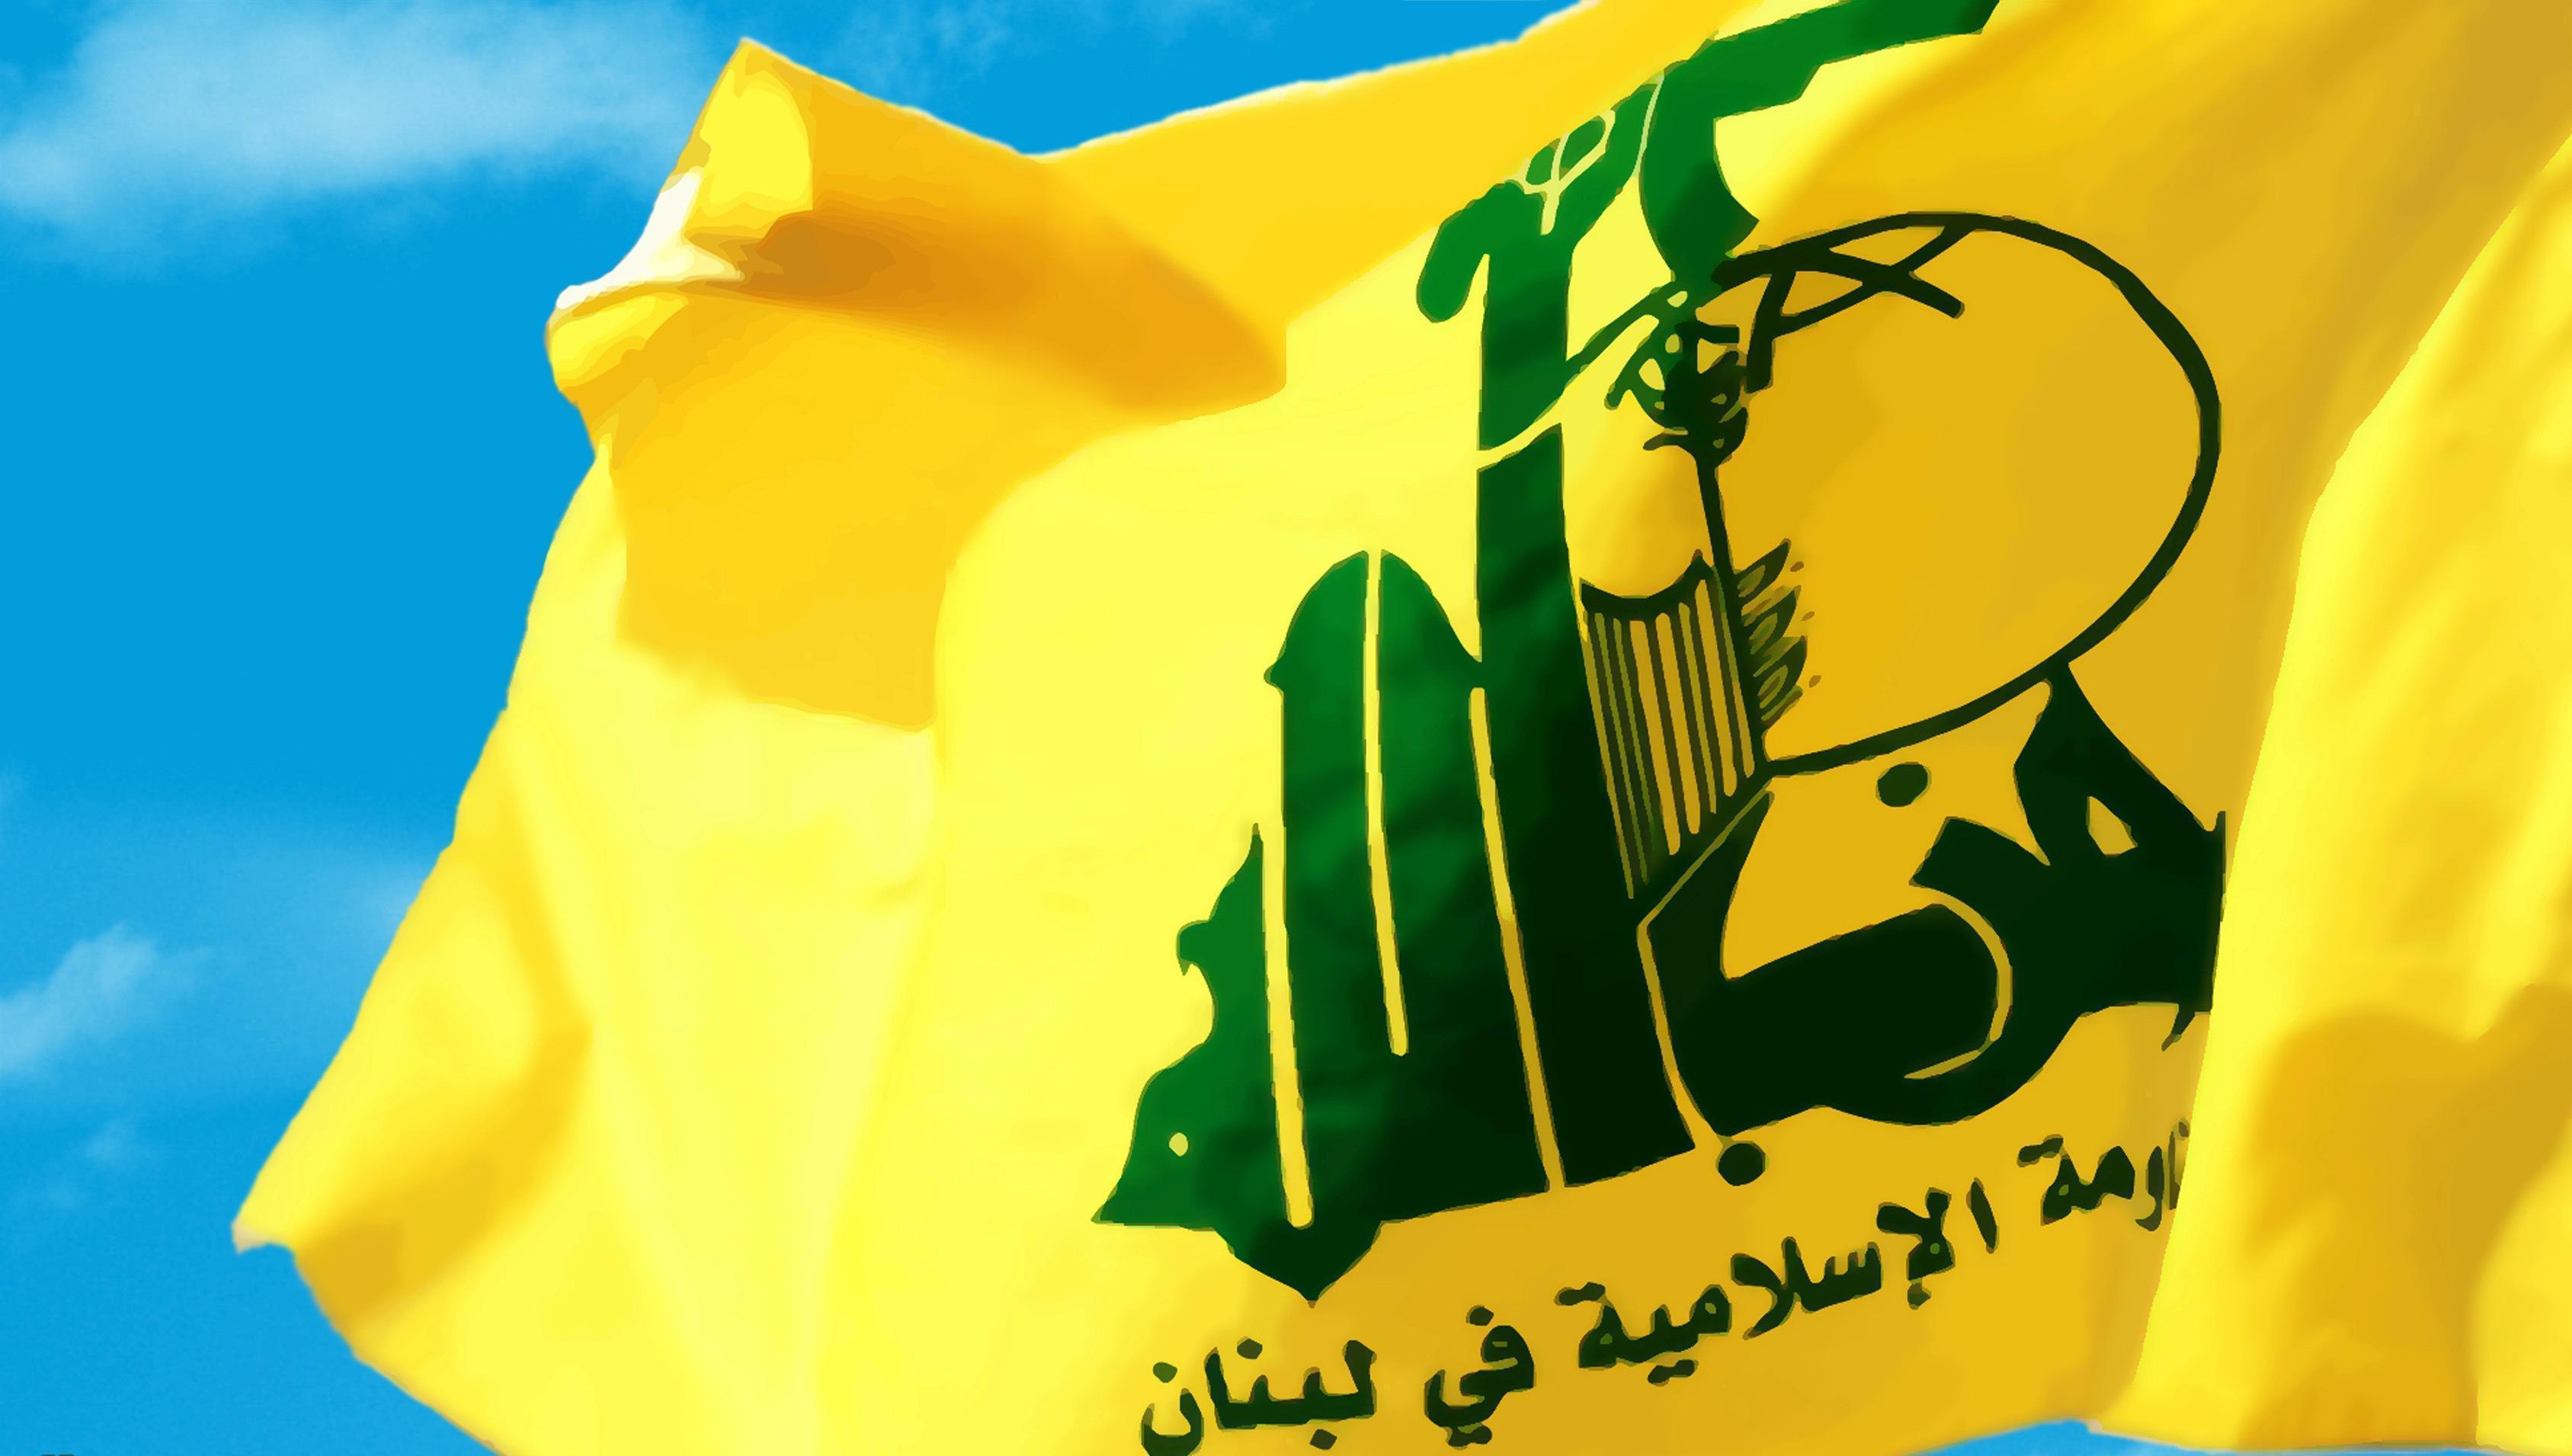 حزب الله خواستار اتحاد میان ادیانی برای مقابله با تروریسم شد